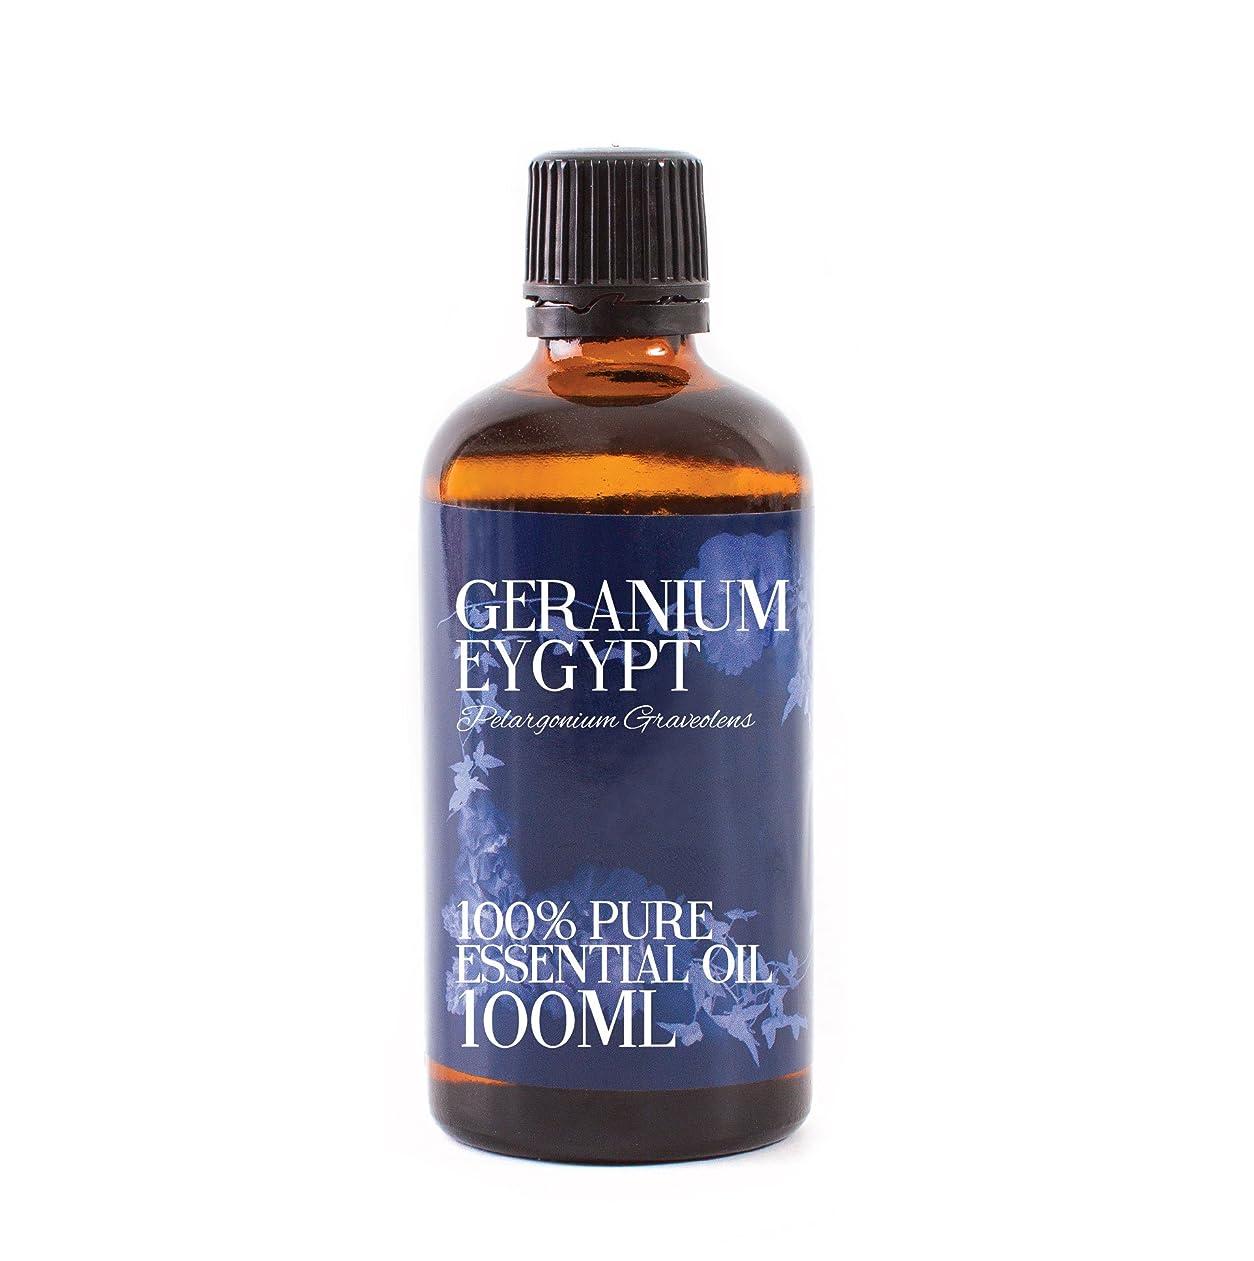 座る動物園再開Mystic Moments | Geranium Egypt Essential Oil - 100ml - 100% Pure